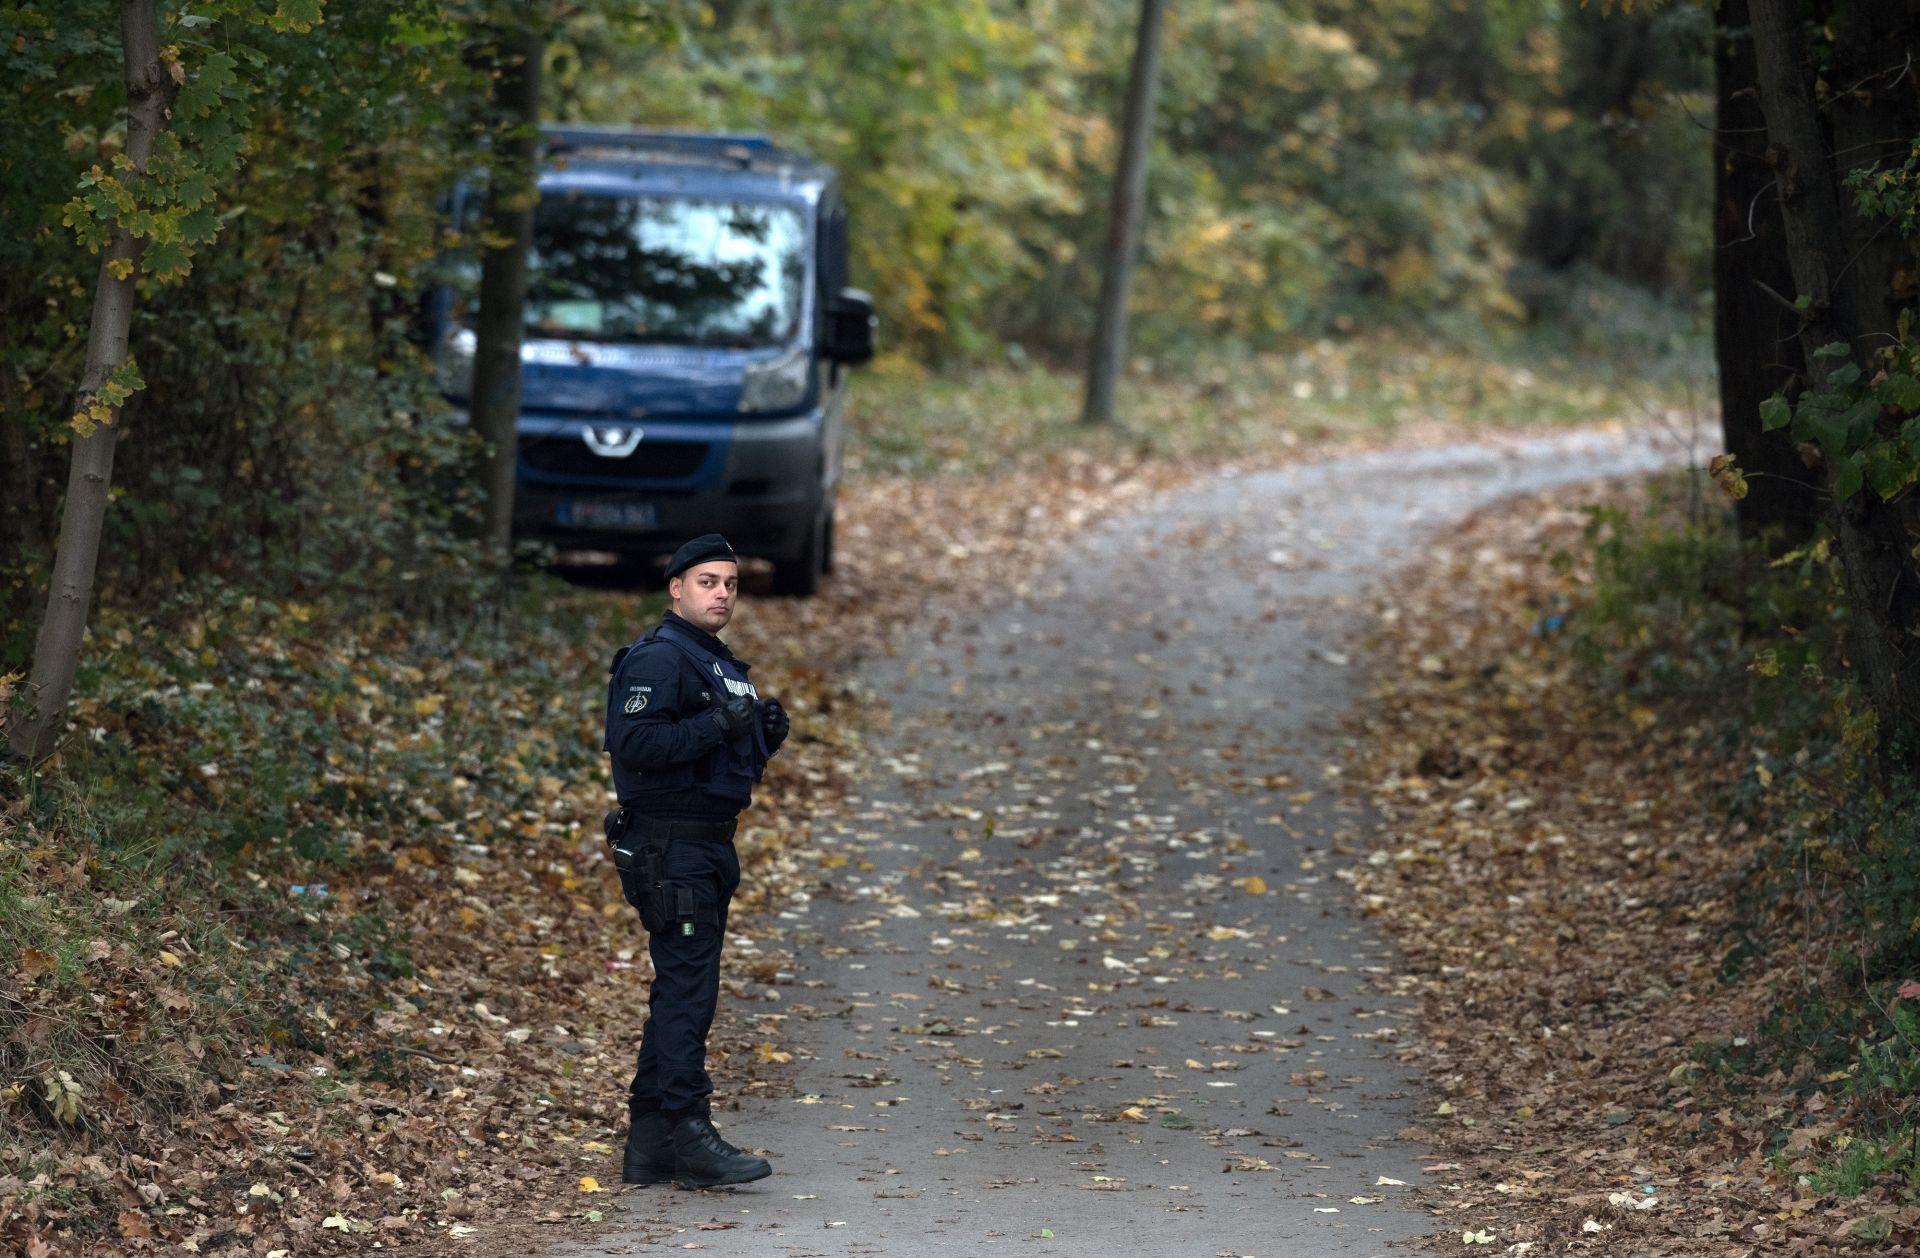 KORUPCIJA I ZLOUPOTREBA VLASTI: U Srbiji uhićene 53 osobe